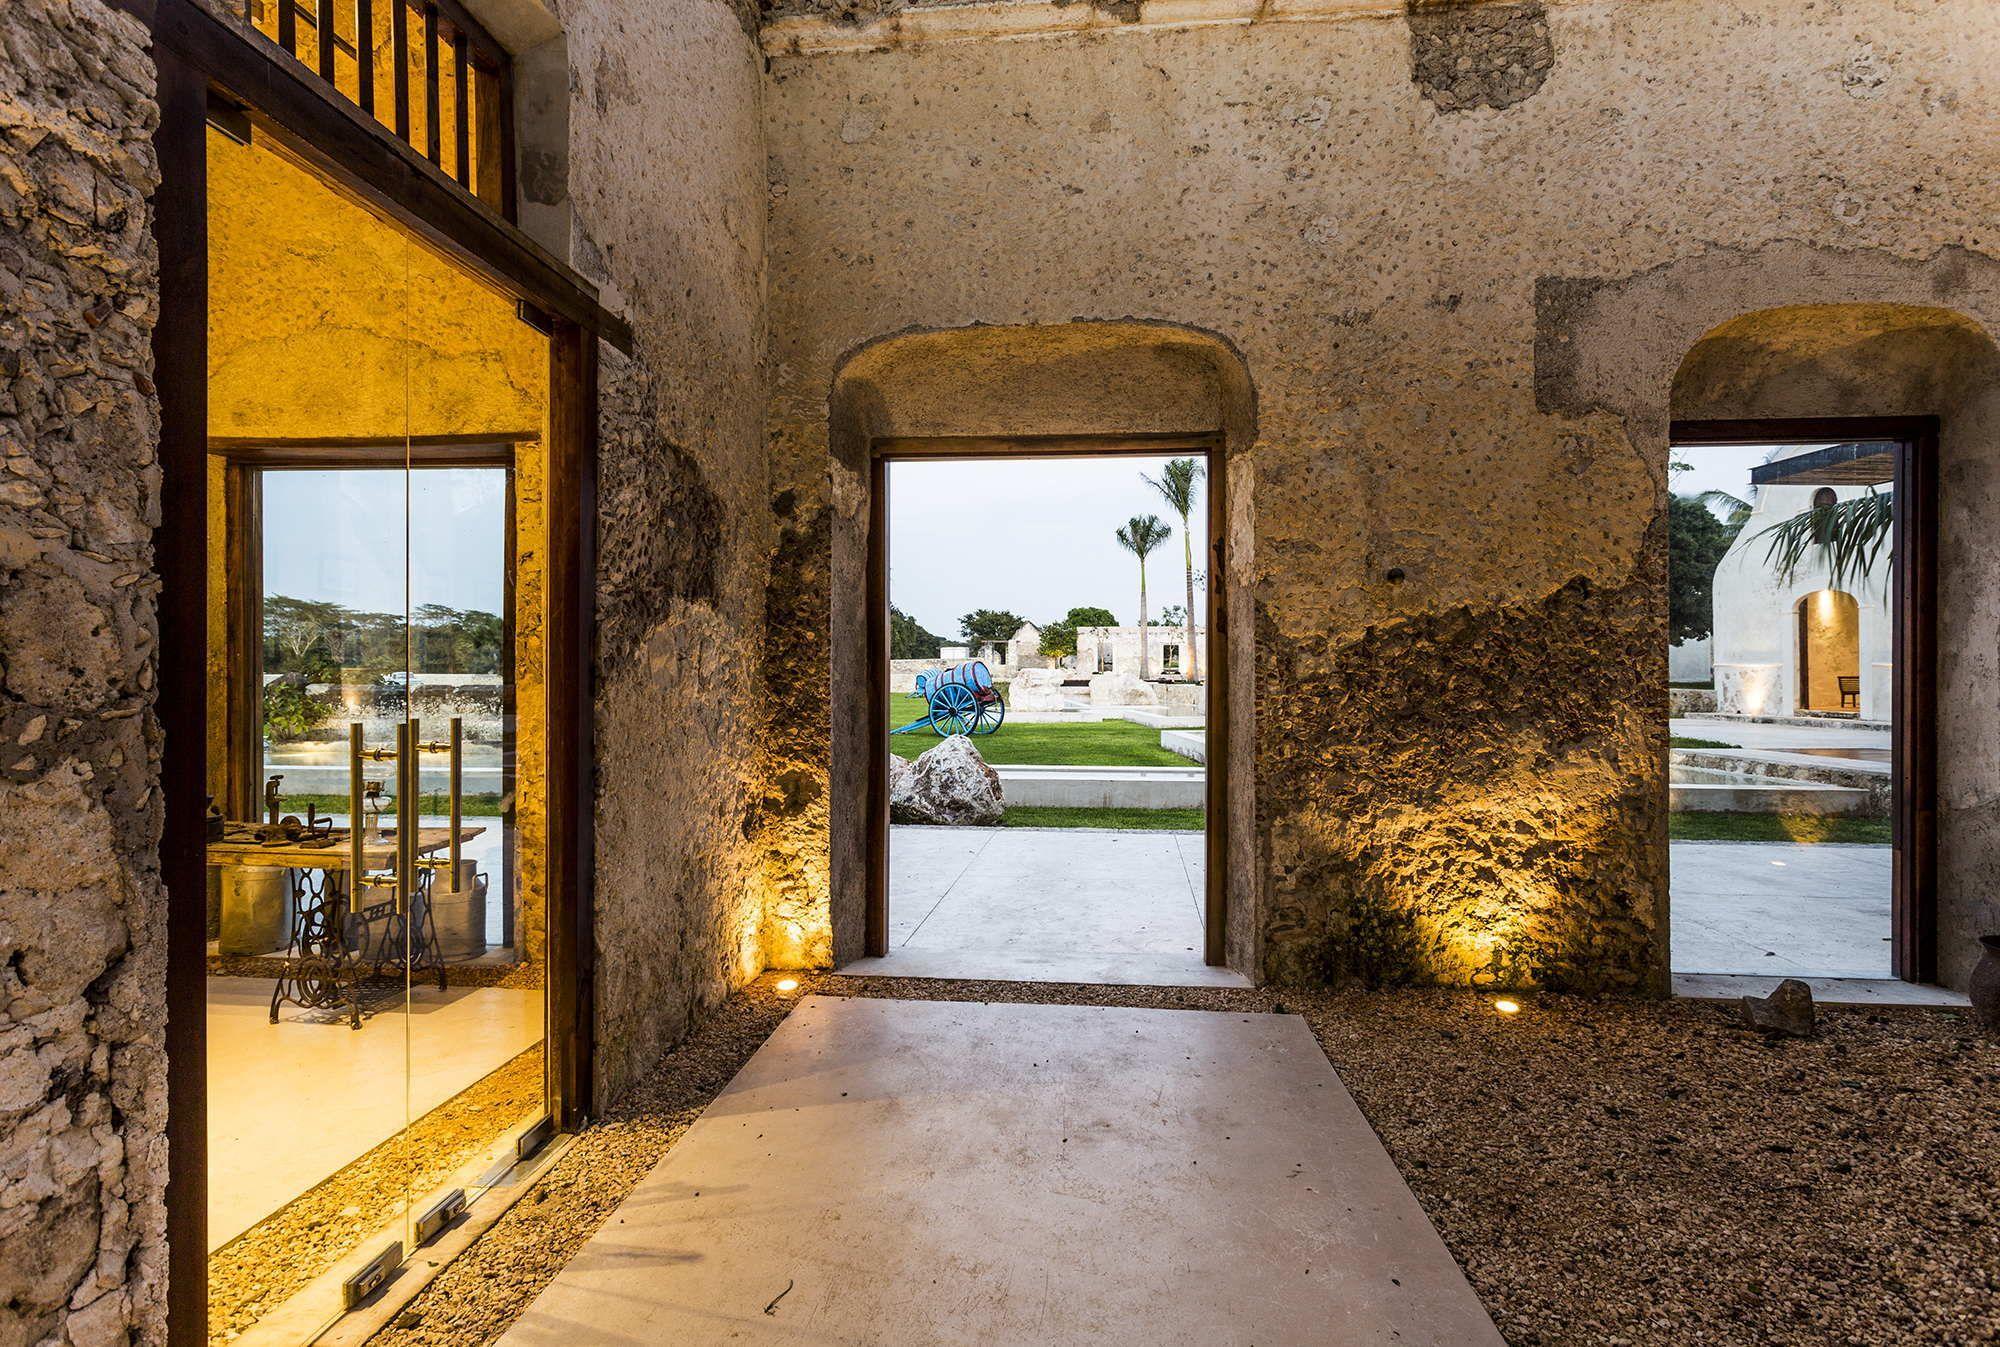 Vor dem Alter verneigen - Hacienda in Mexiko | Architektur